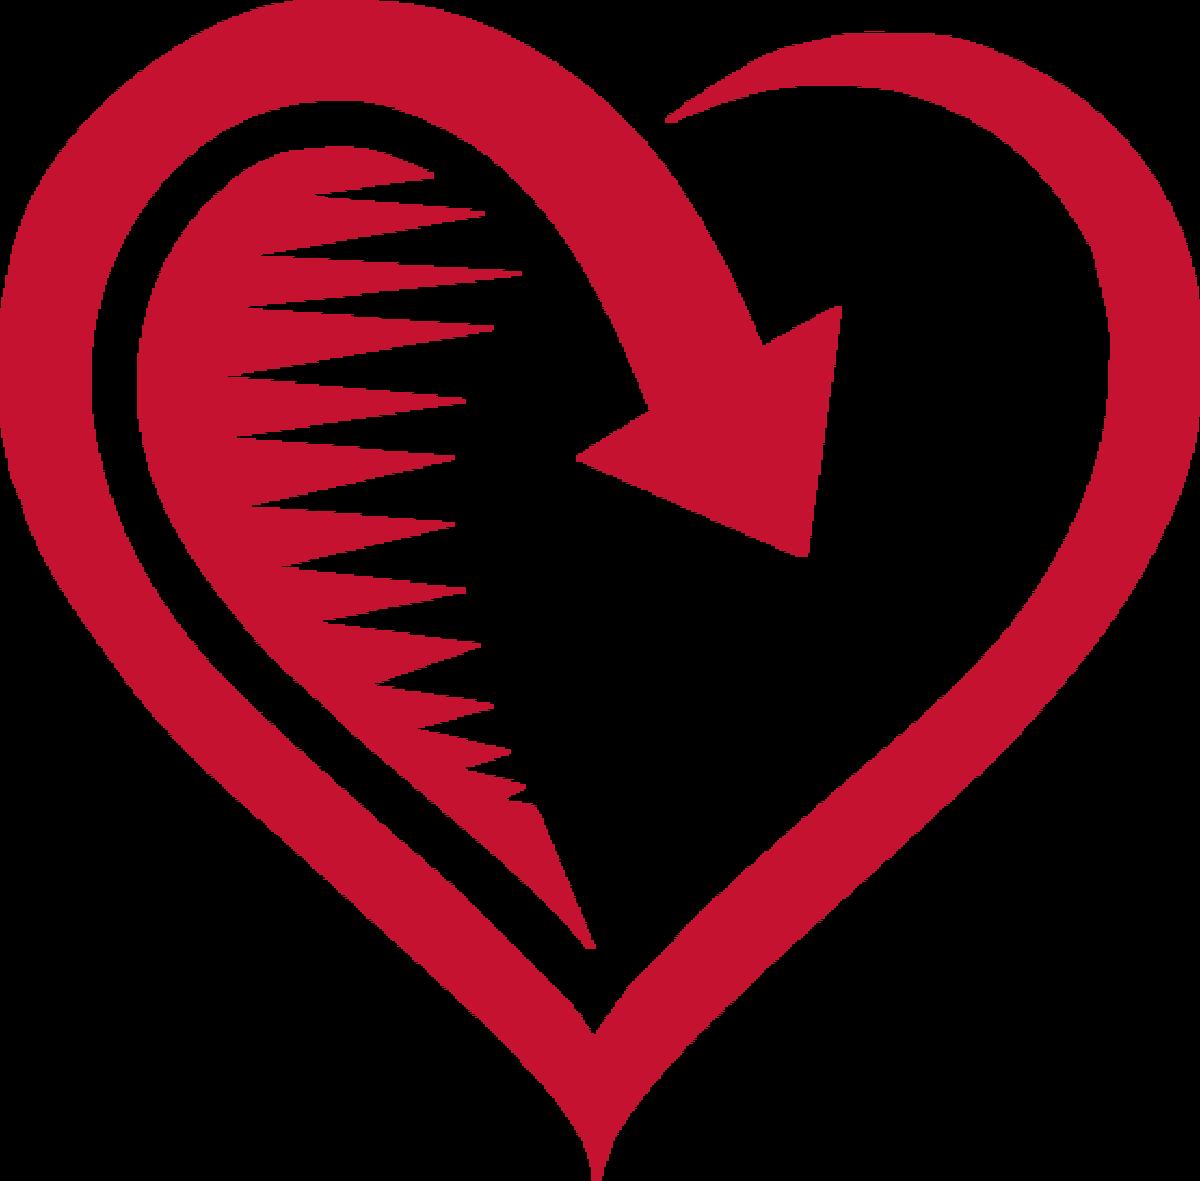 Heart Clip Art Pattern.